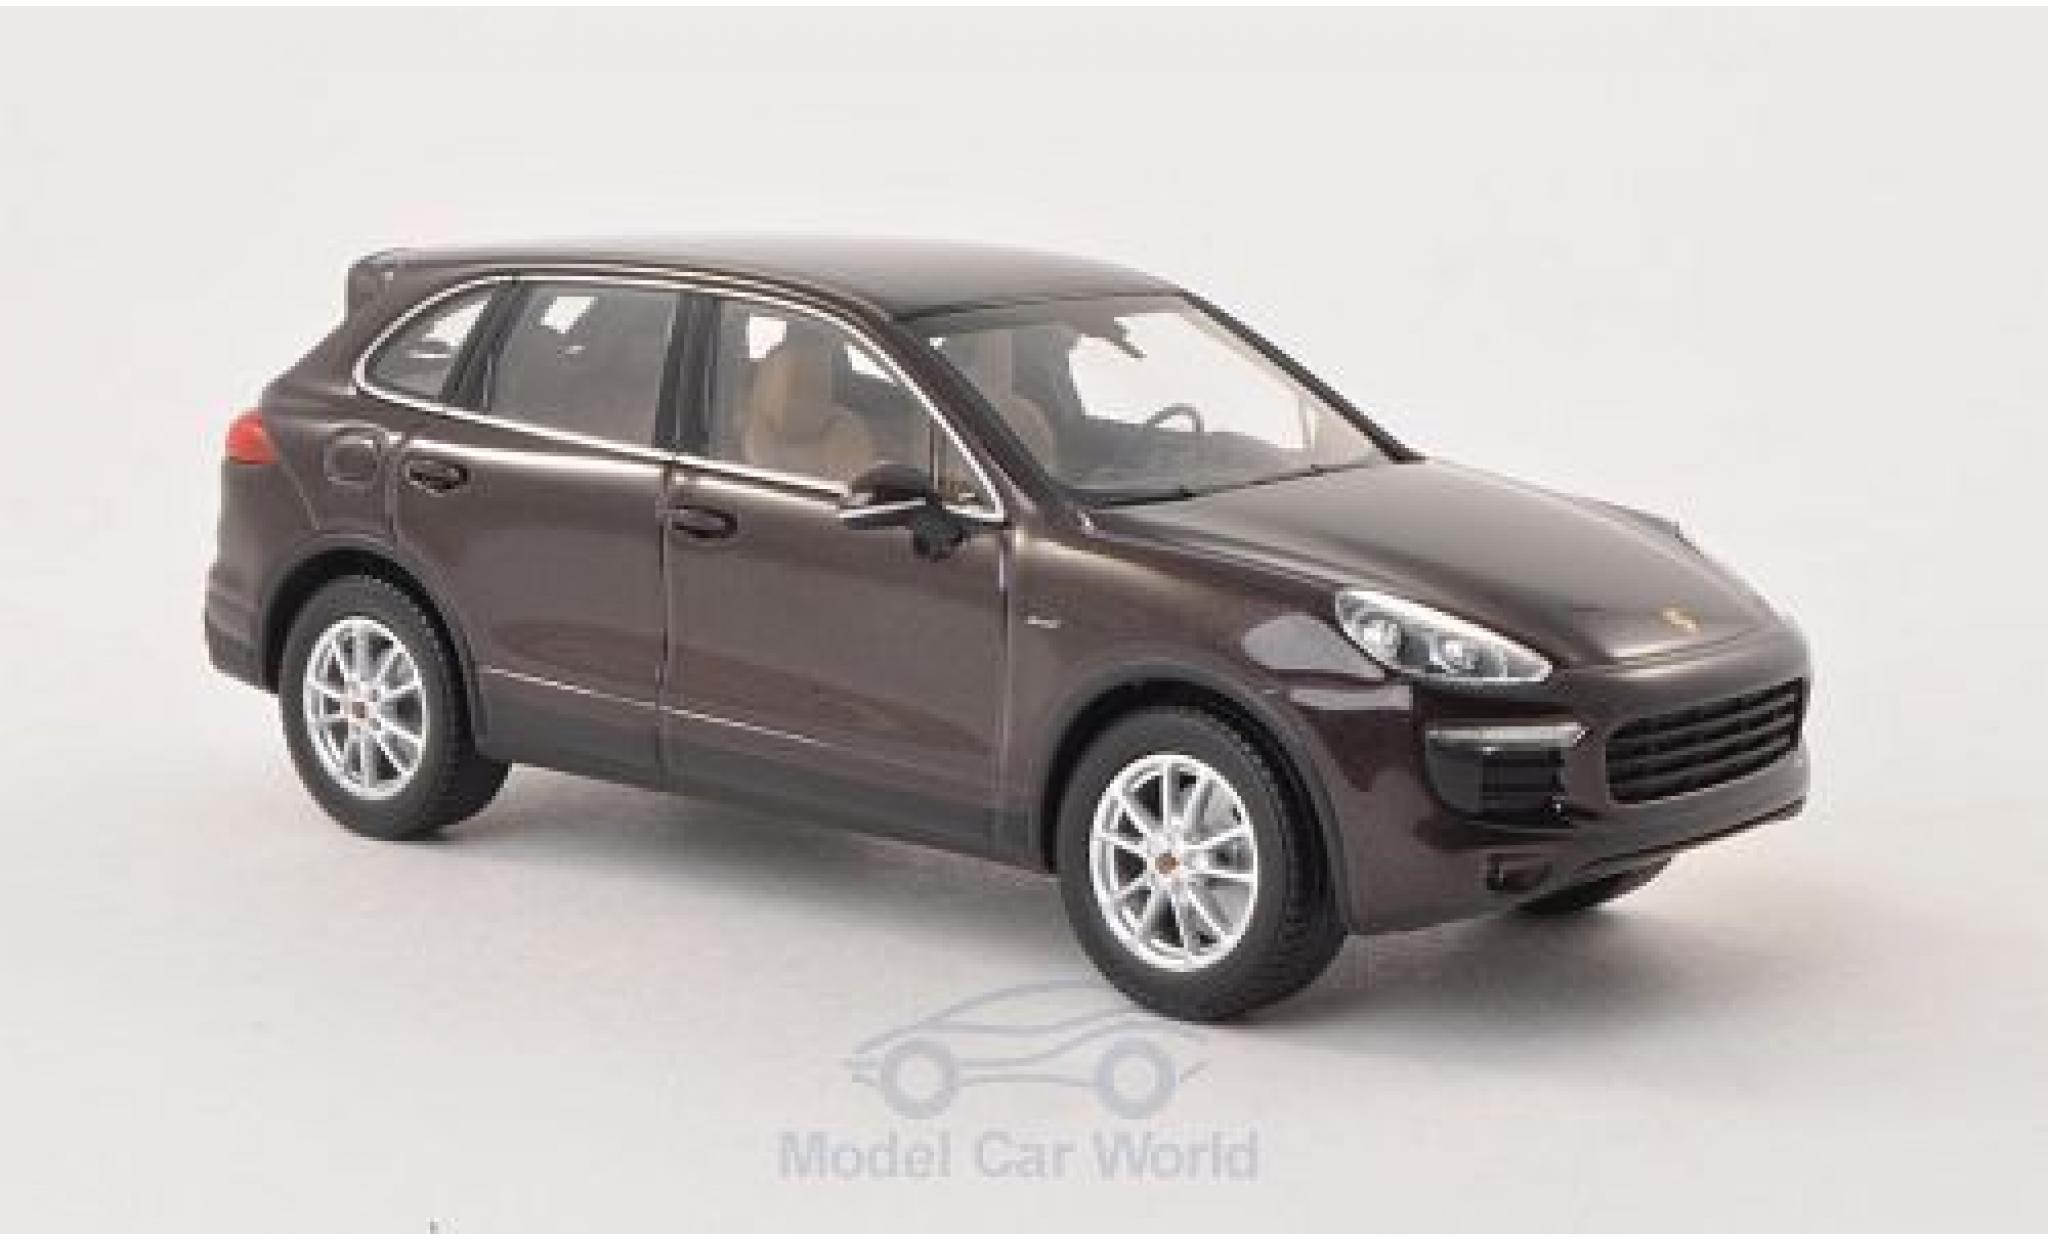 Porsche Cayenne 1/43 Minichamps métallisé marron 2014 Diesel (92A)